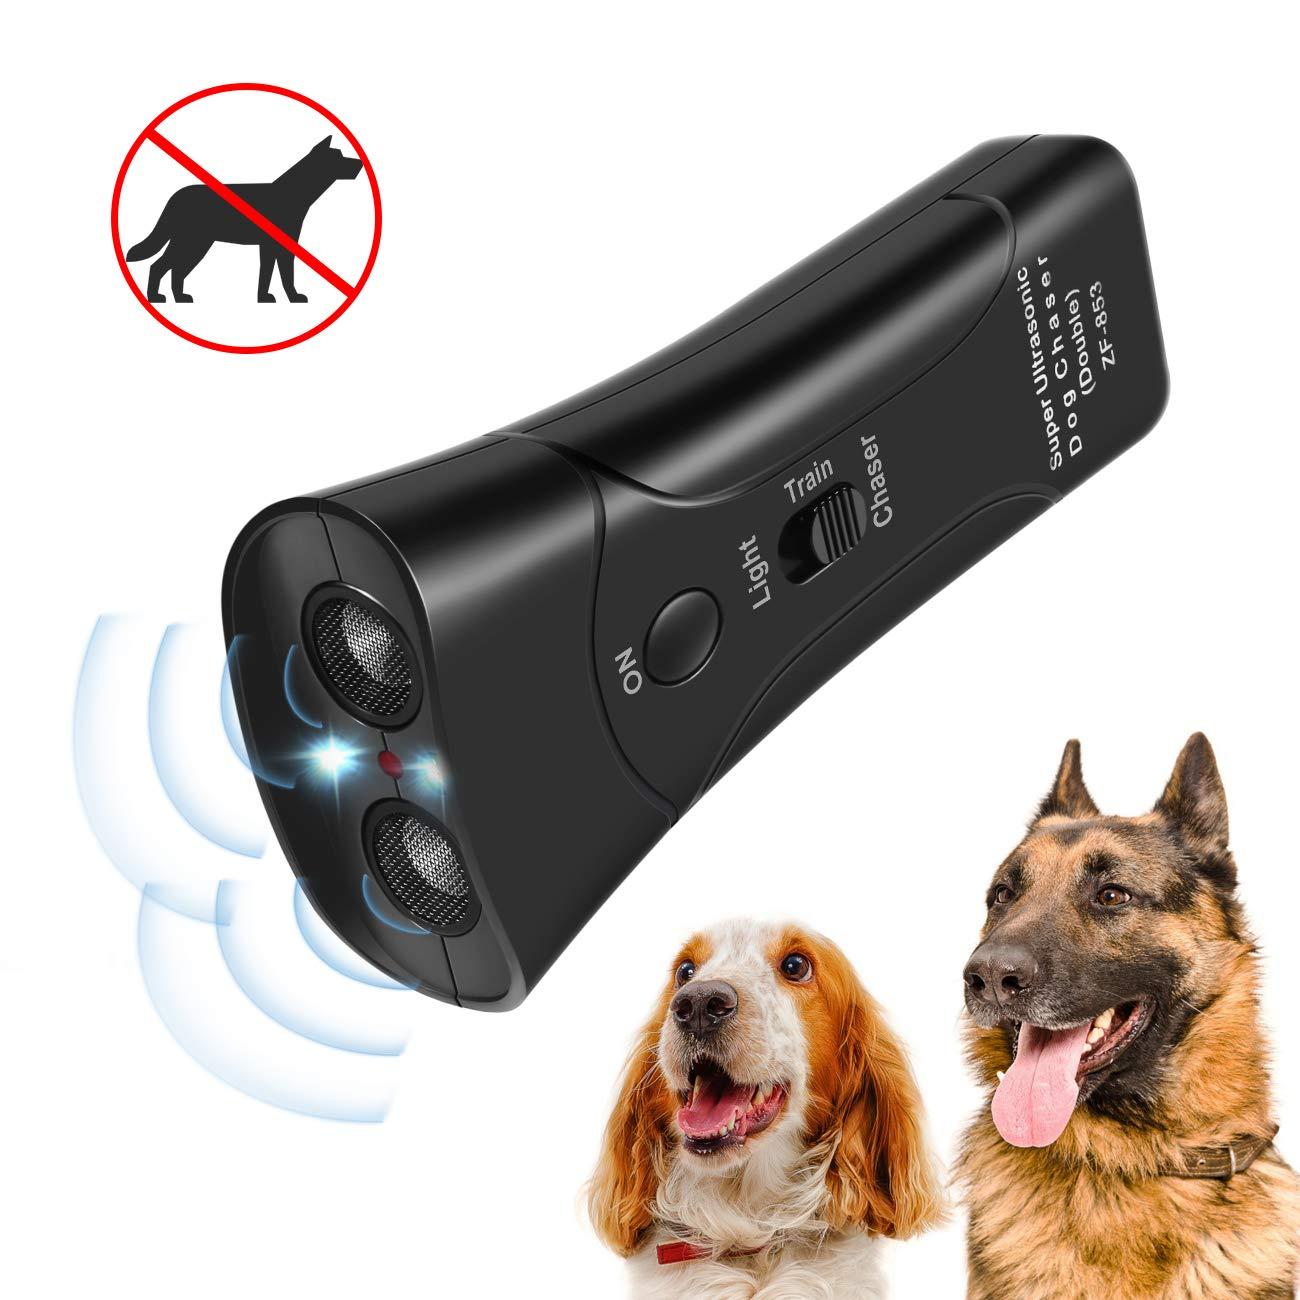 Zomma Handheld Dog Repellent, Ultrasonic Infrared Dog Deterrent, Bark Stopper + Good Behavior Dog Training by Zomma